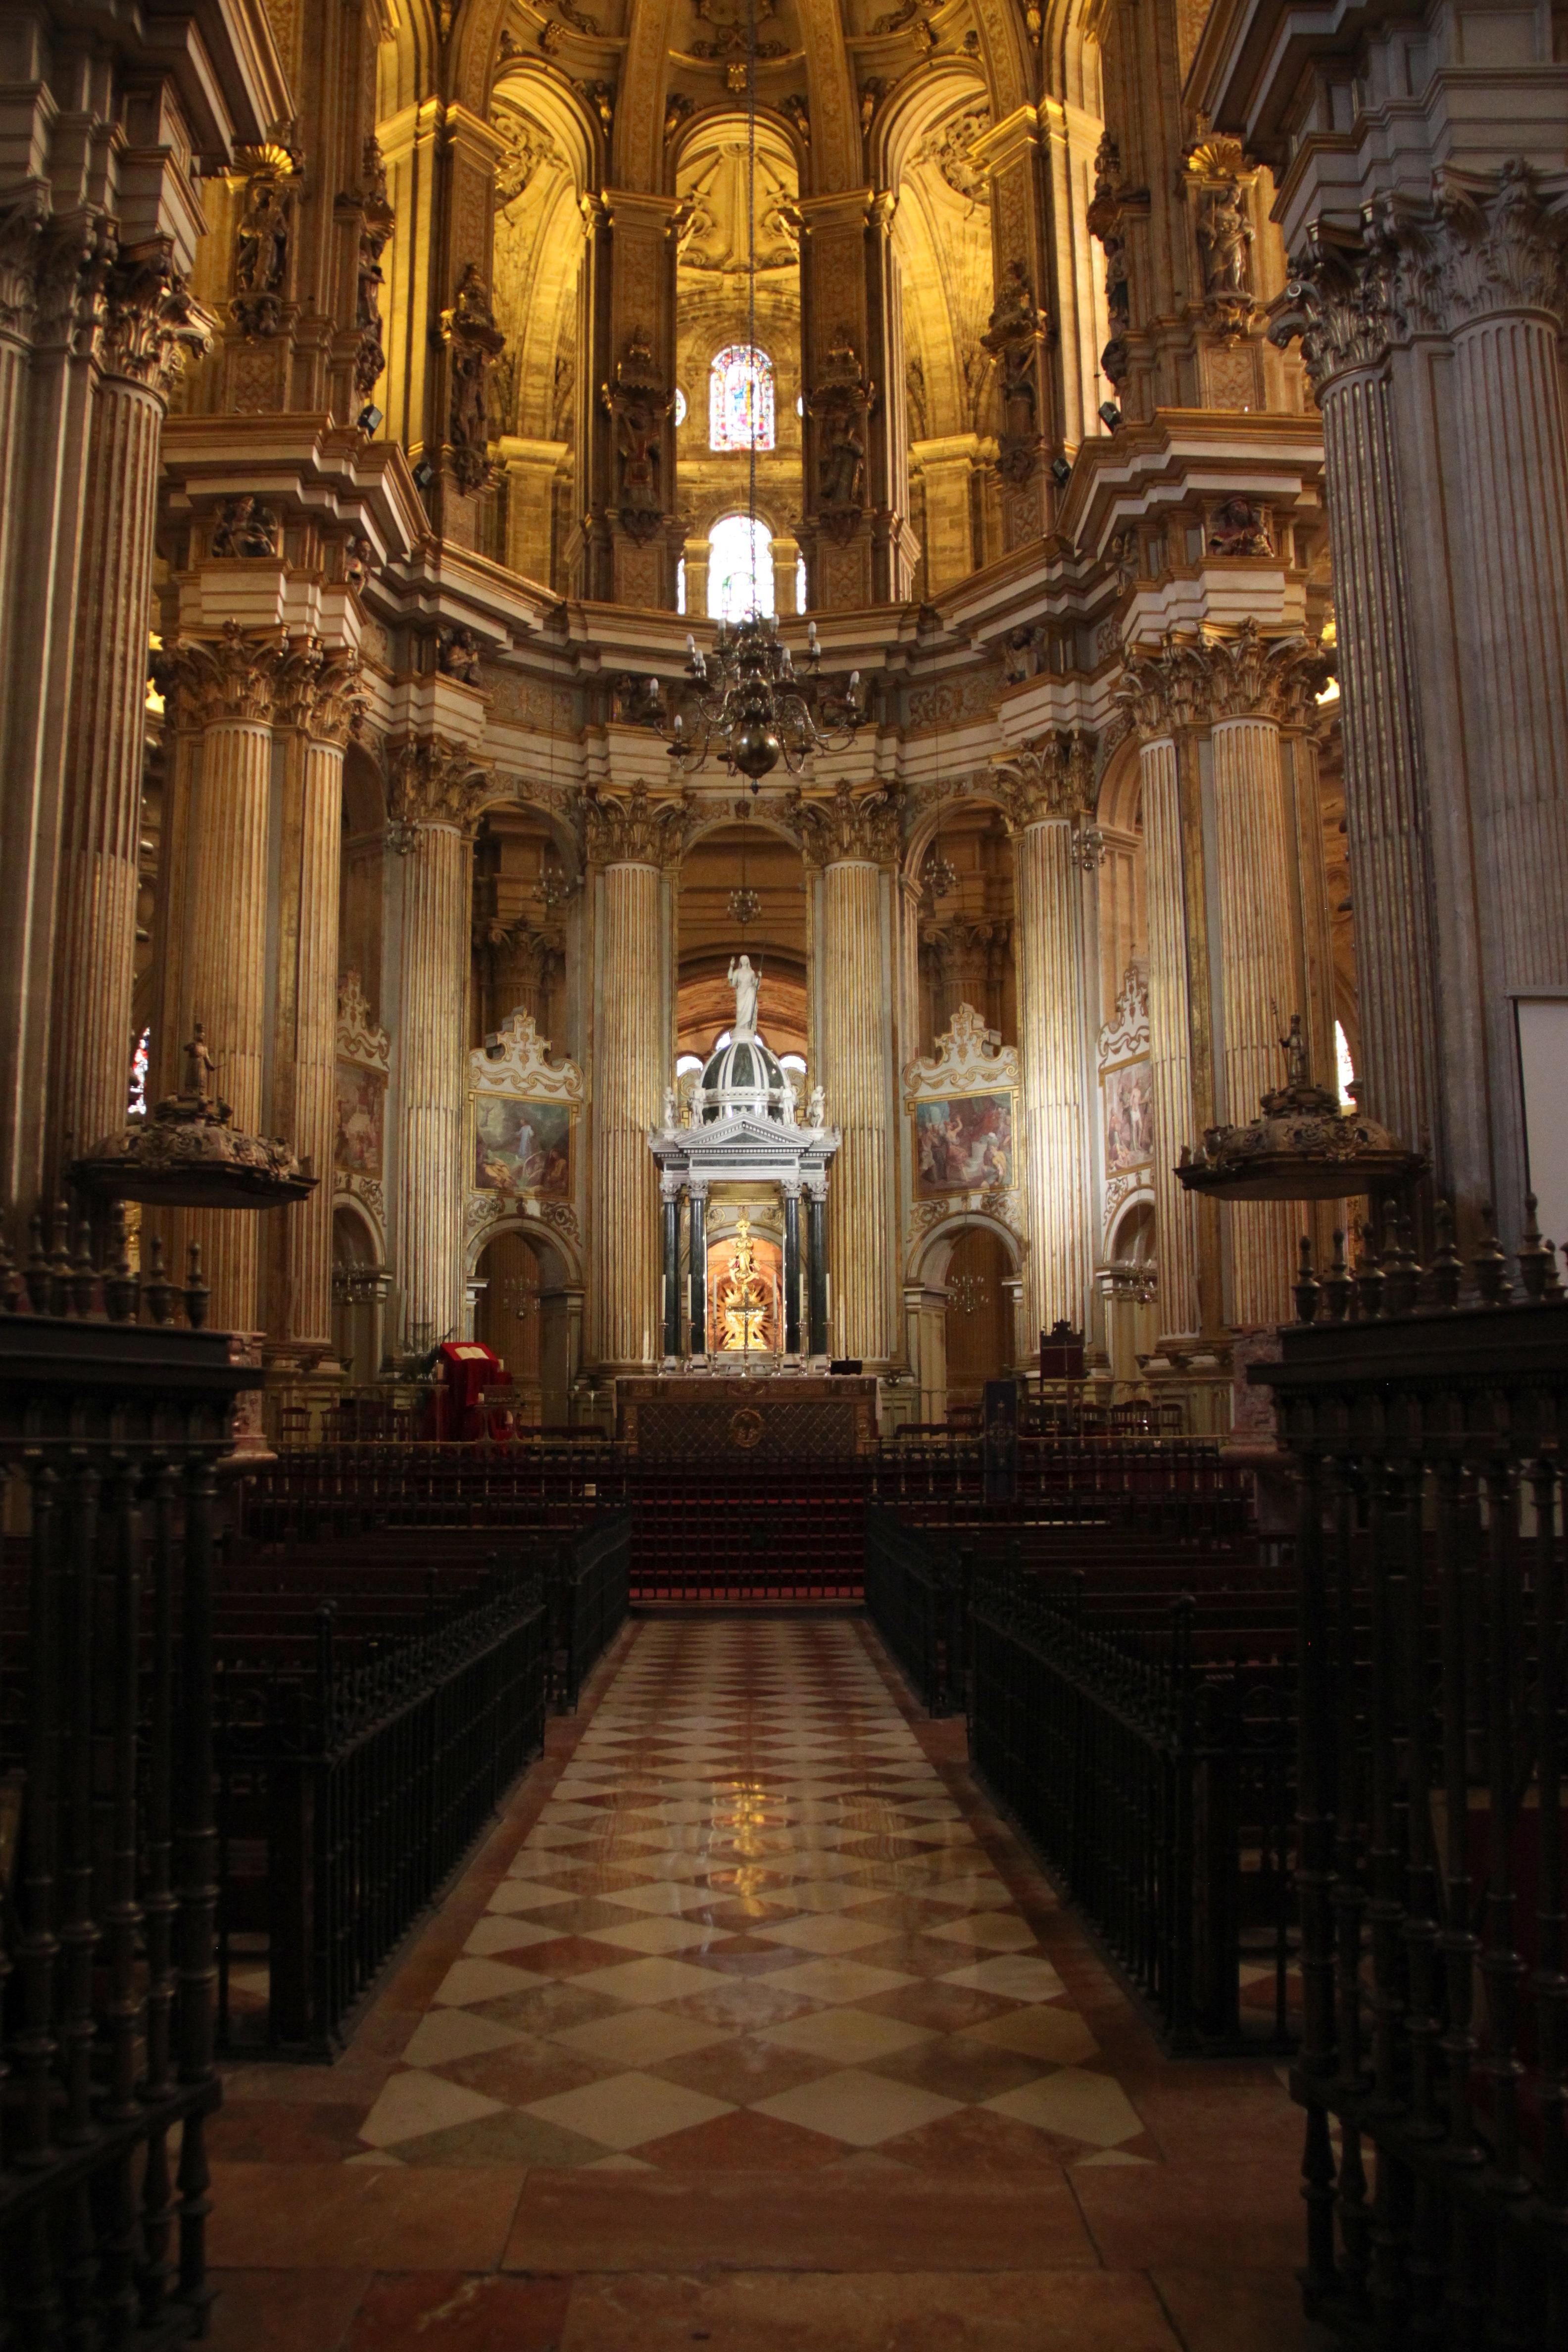 ... rincones para ... perdernos .... - Página 4 Interior_de_la_Catedral_de_M%C3%A1laga